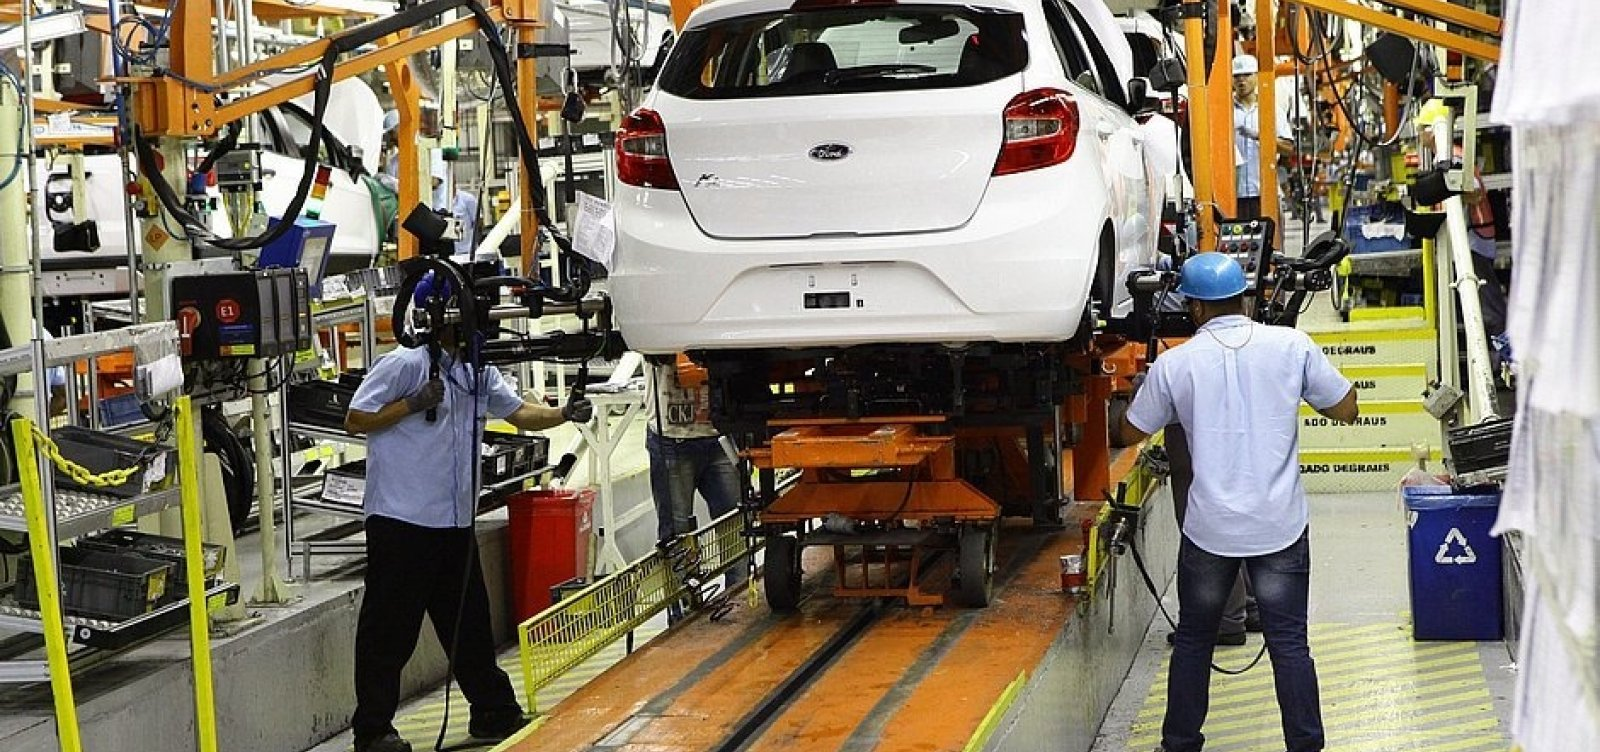 [Áudio sobre fechamento da Ford e outras indústrias baianas é fake, diz secretaria]